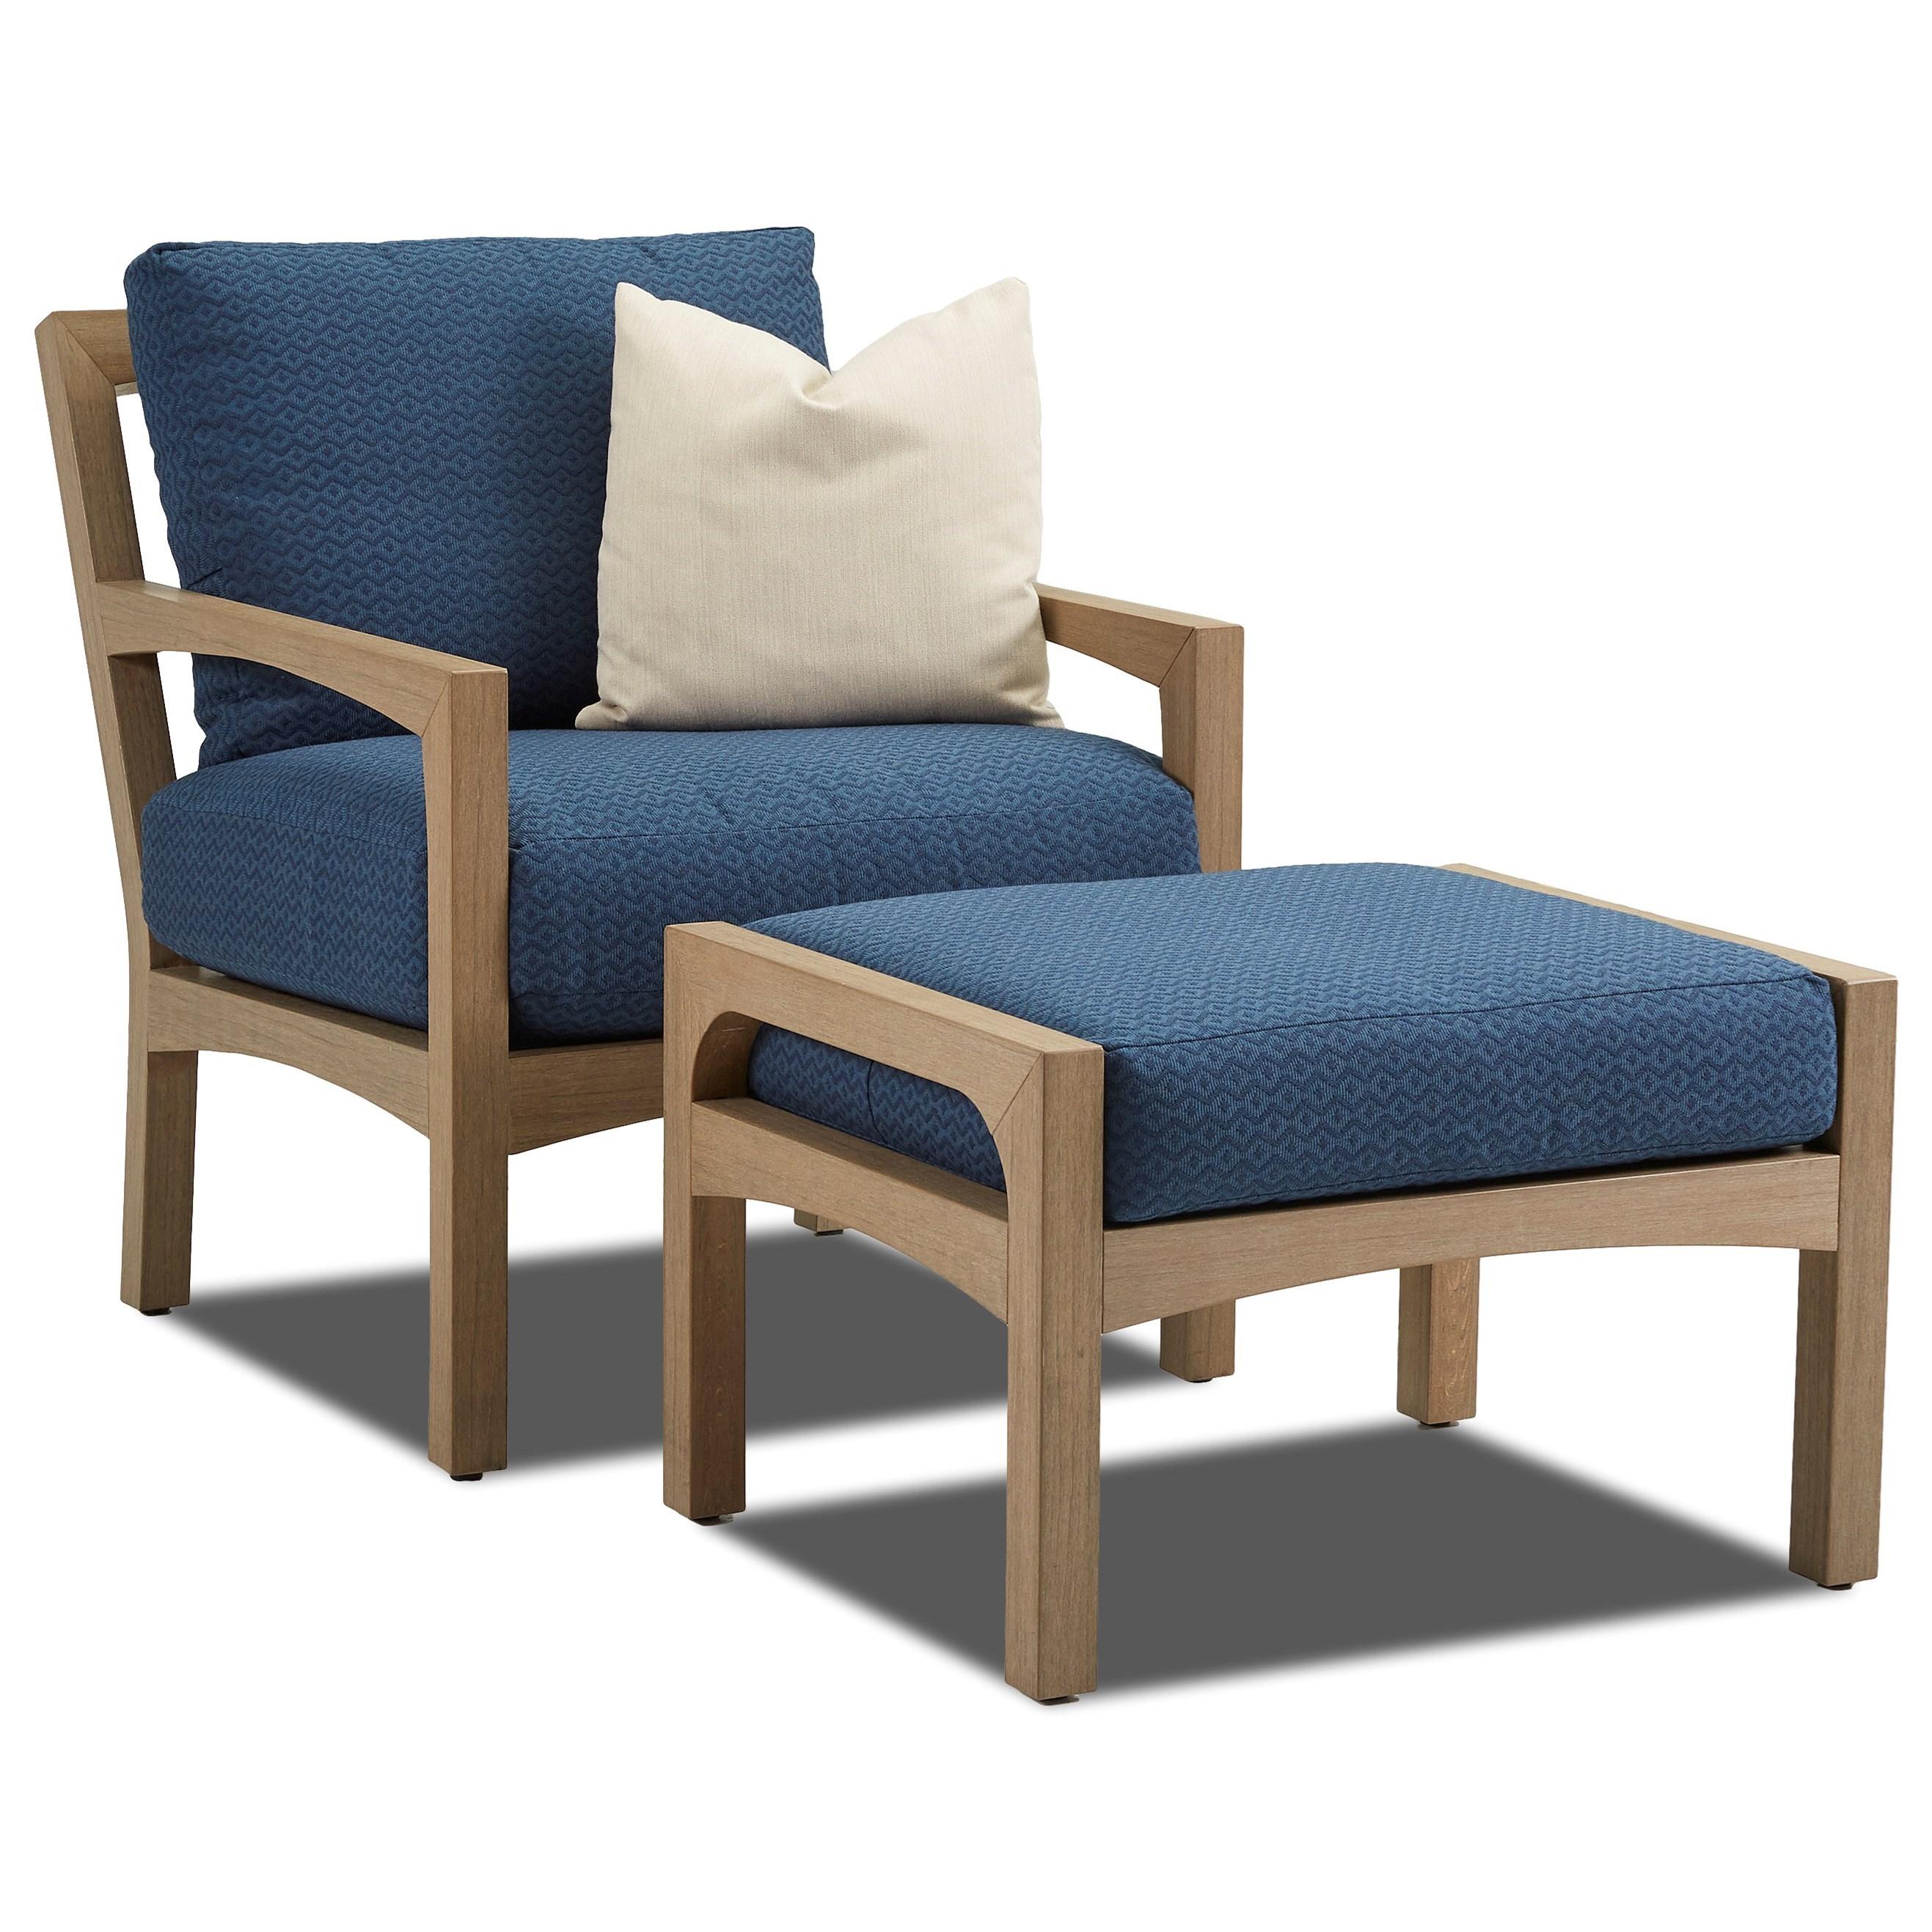 Klaussner Outdoor DelrayOutdoor Chair And Ottoman ...